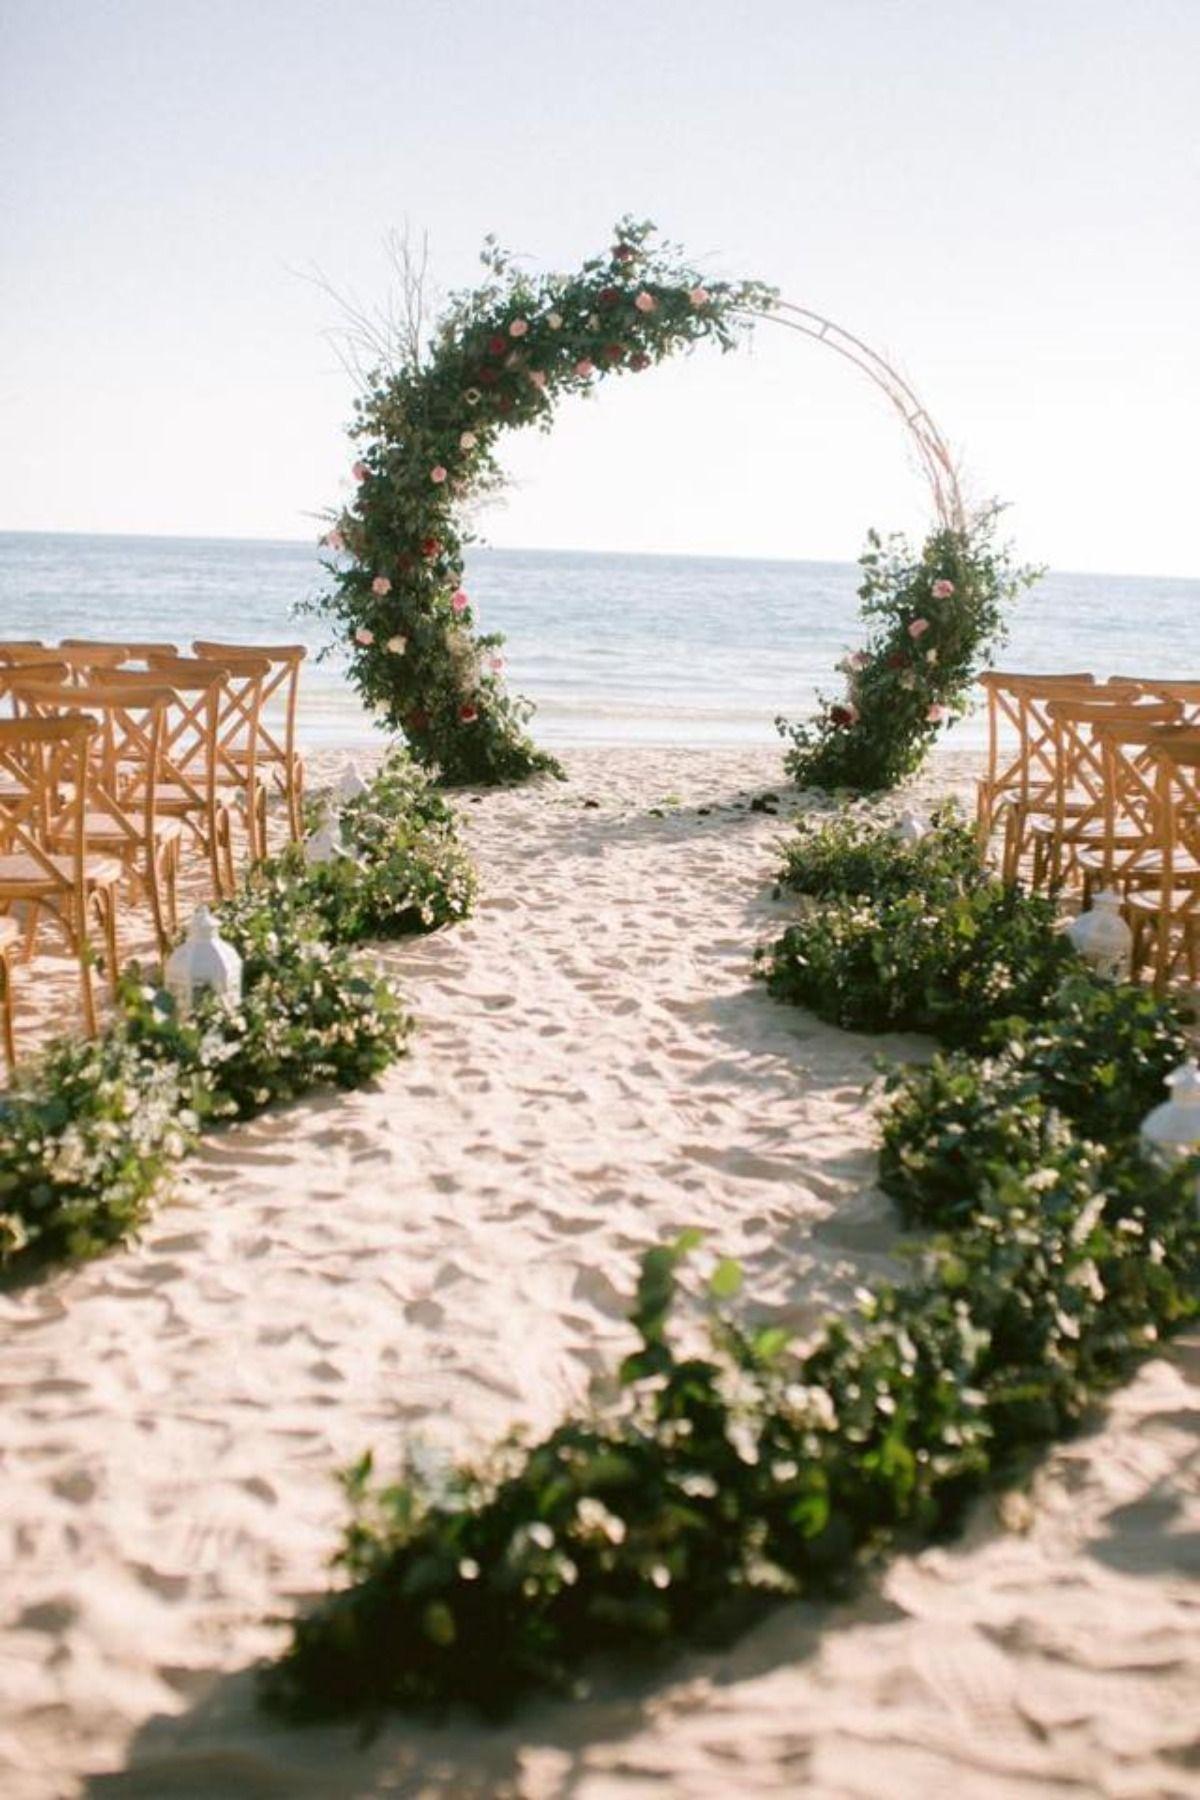 The Wedding Bliss Thailand - Beste Planung und Gestaltung von Hochzeitsveranstaltungen in Phu...